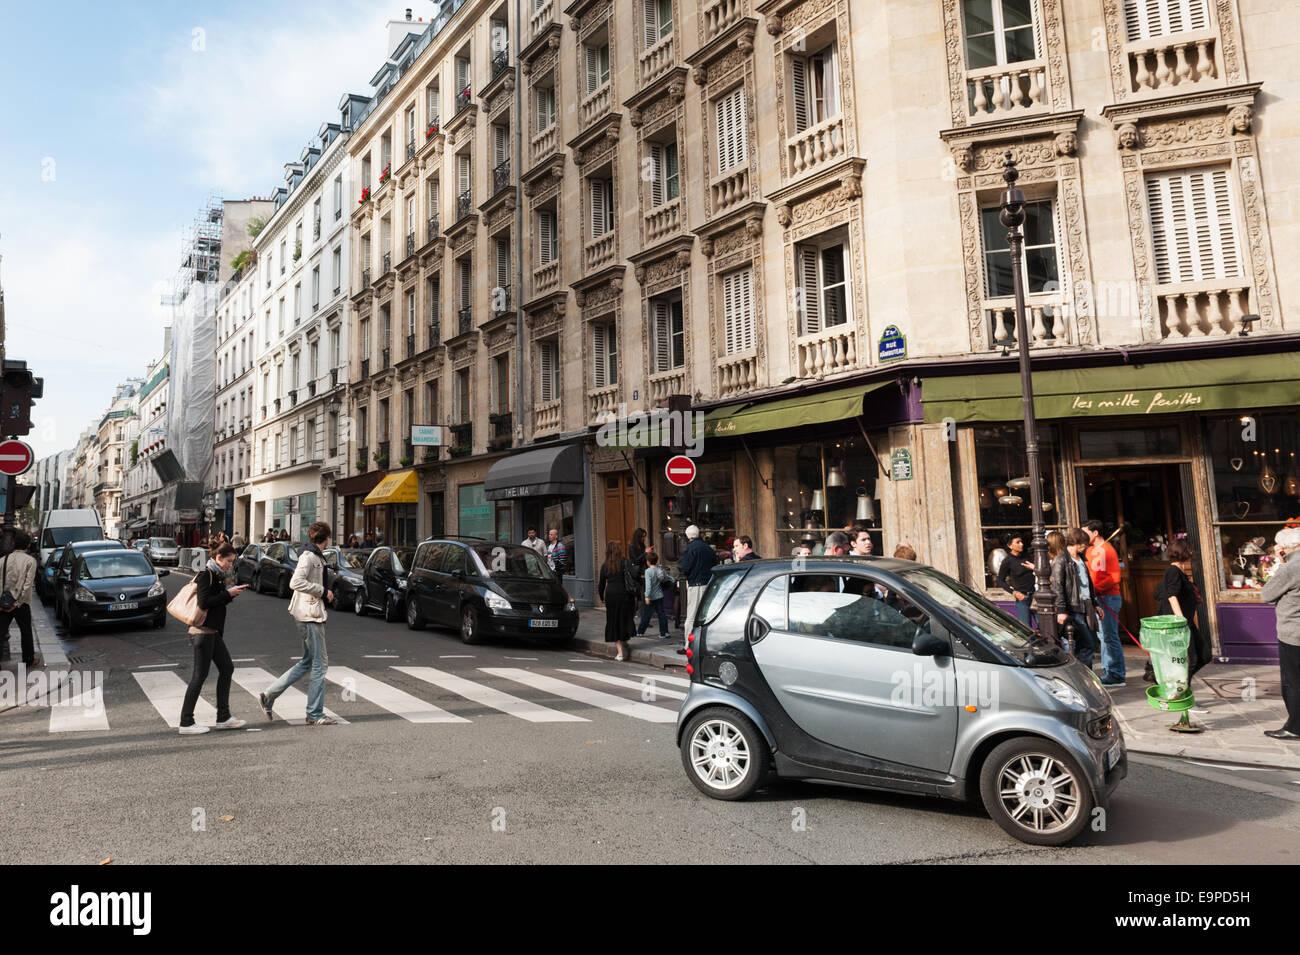 Smart car in Le Marais - trendy district of Paris - Stock Image